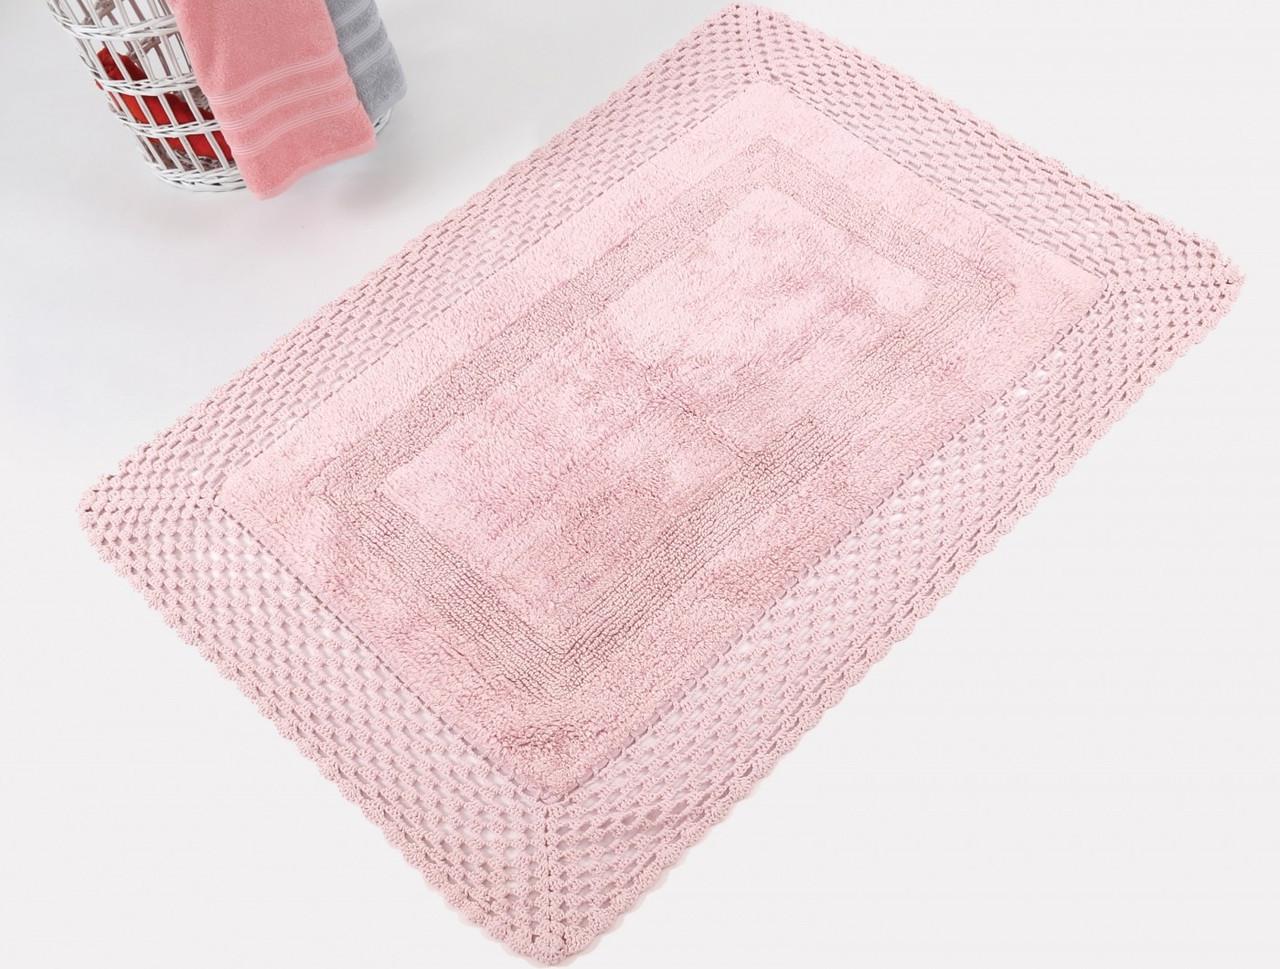 Коврик Irya - Lizz pembe розовый 70*100